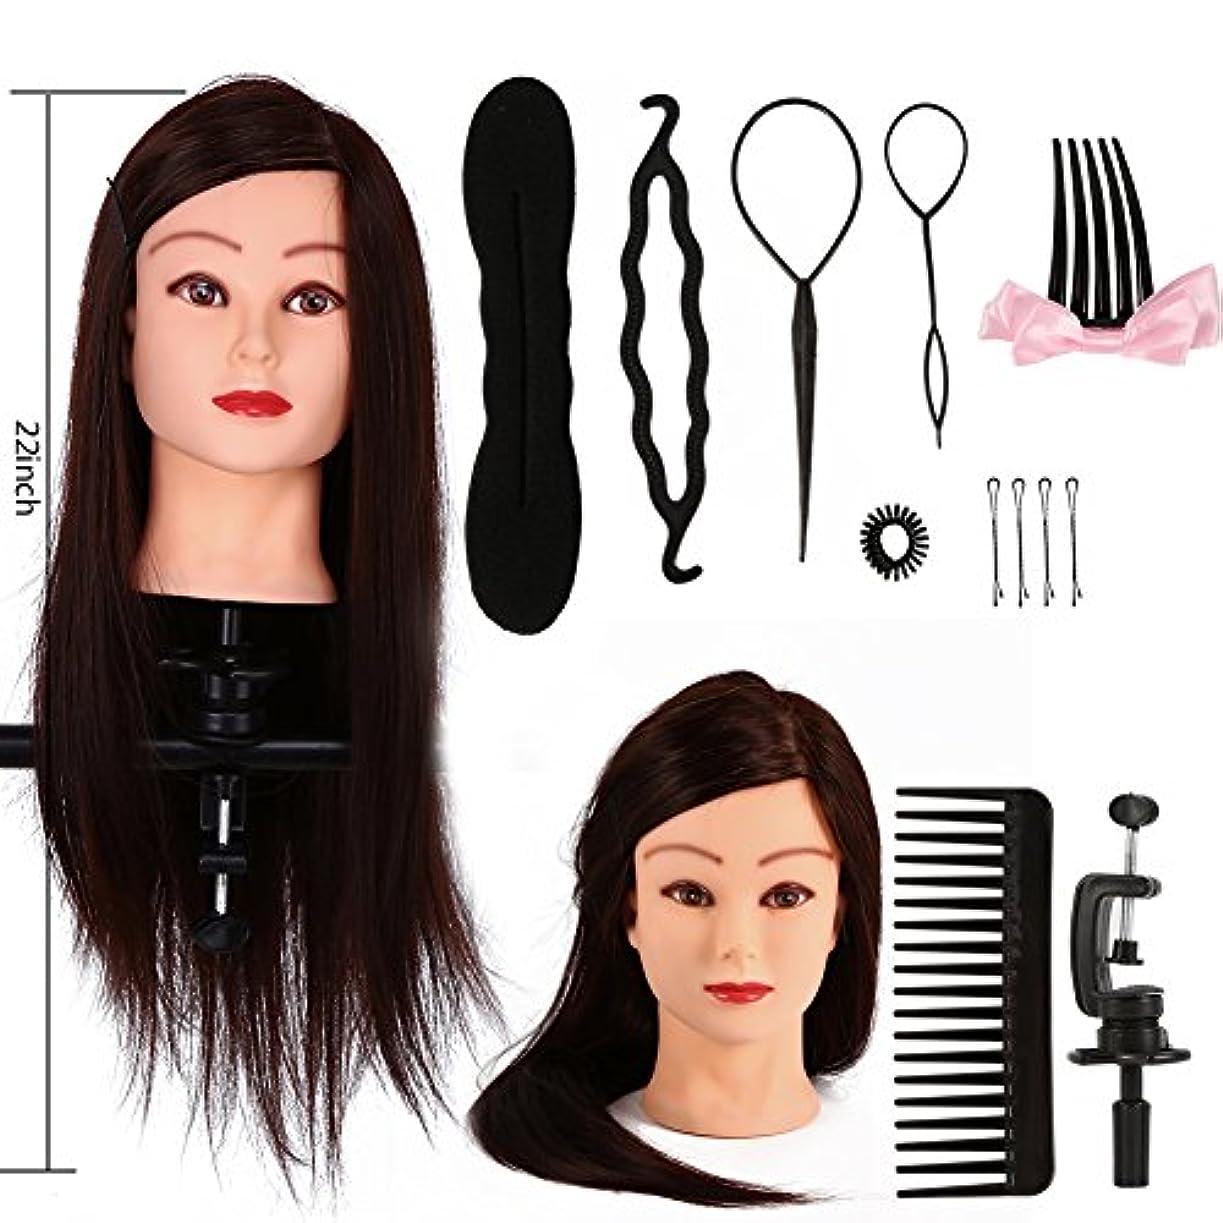 れんがディスク博物館マネキンヘッド、美容院トレーニング実践ヘッドマネキンロング理髪+ブレードセットツール(1#)